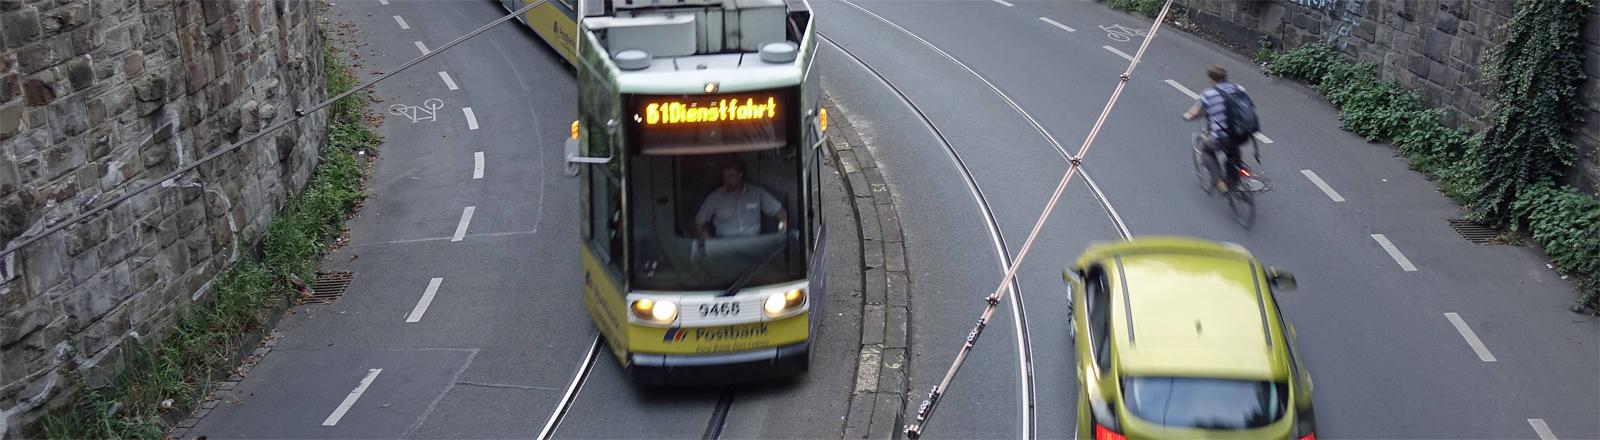 Straßenverkehr, Auto und Fahrrad in Bonn